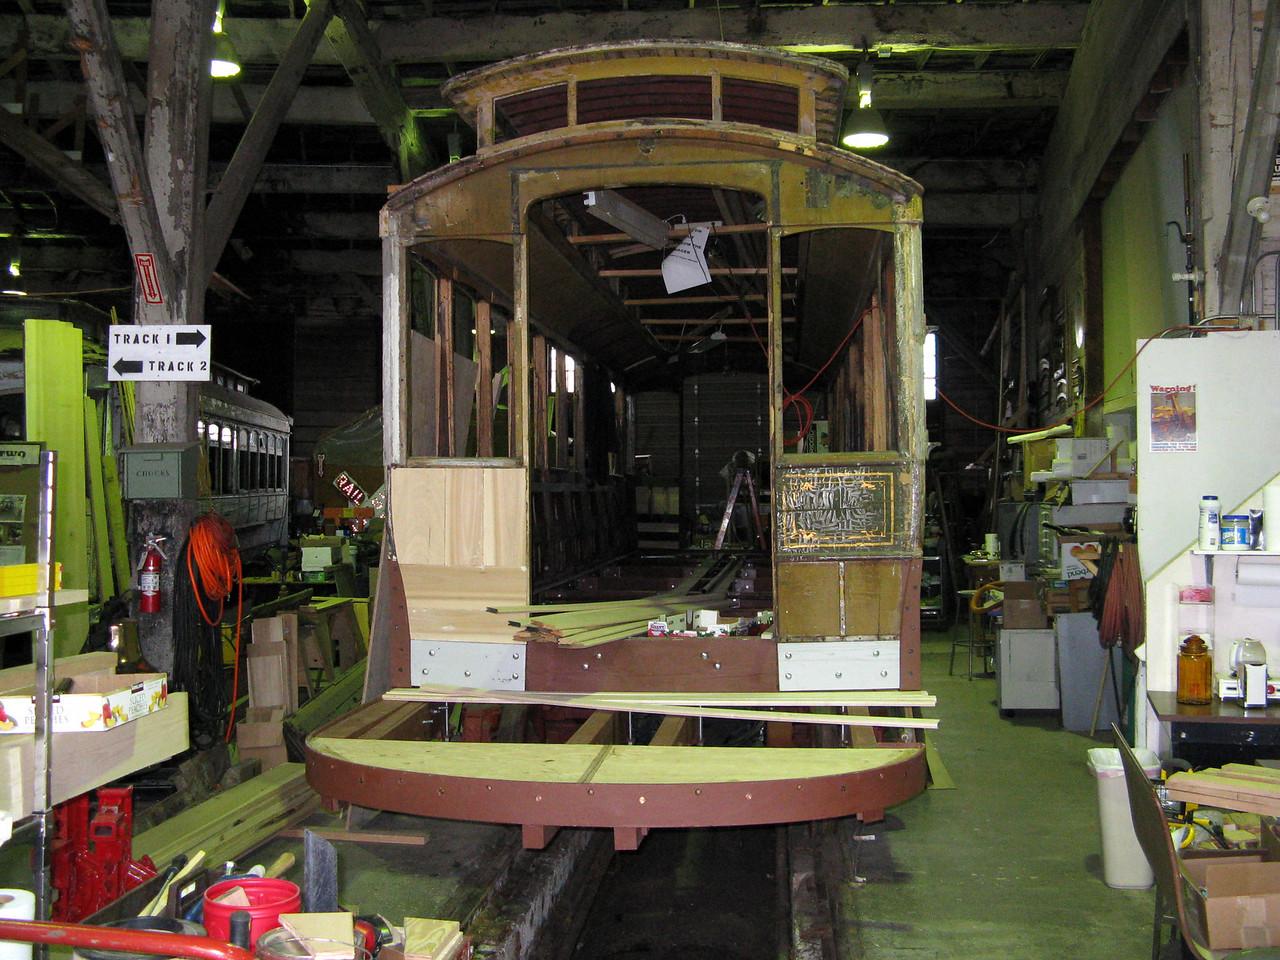 12-05-07 Trolley 001